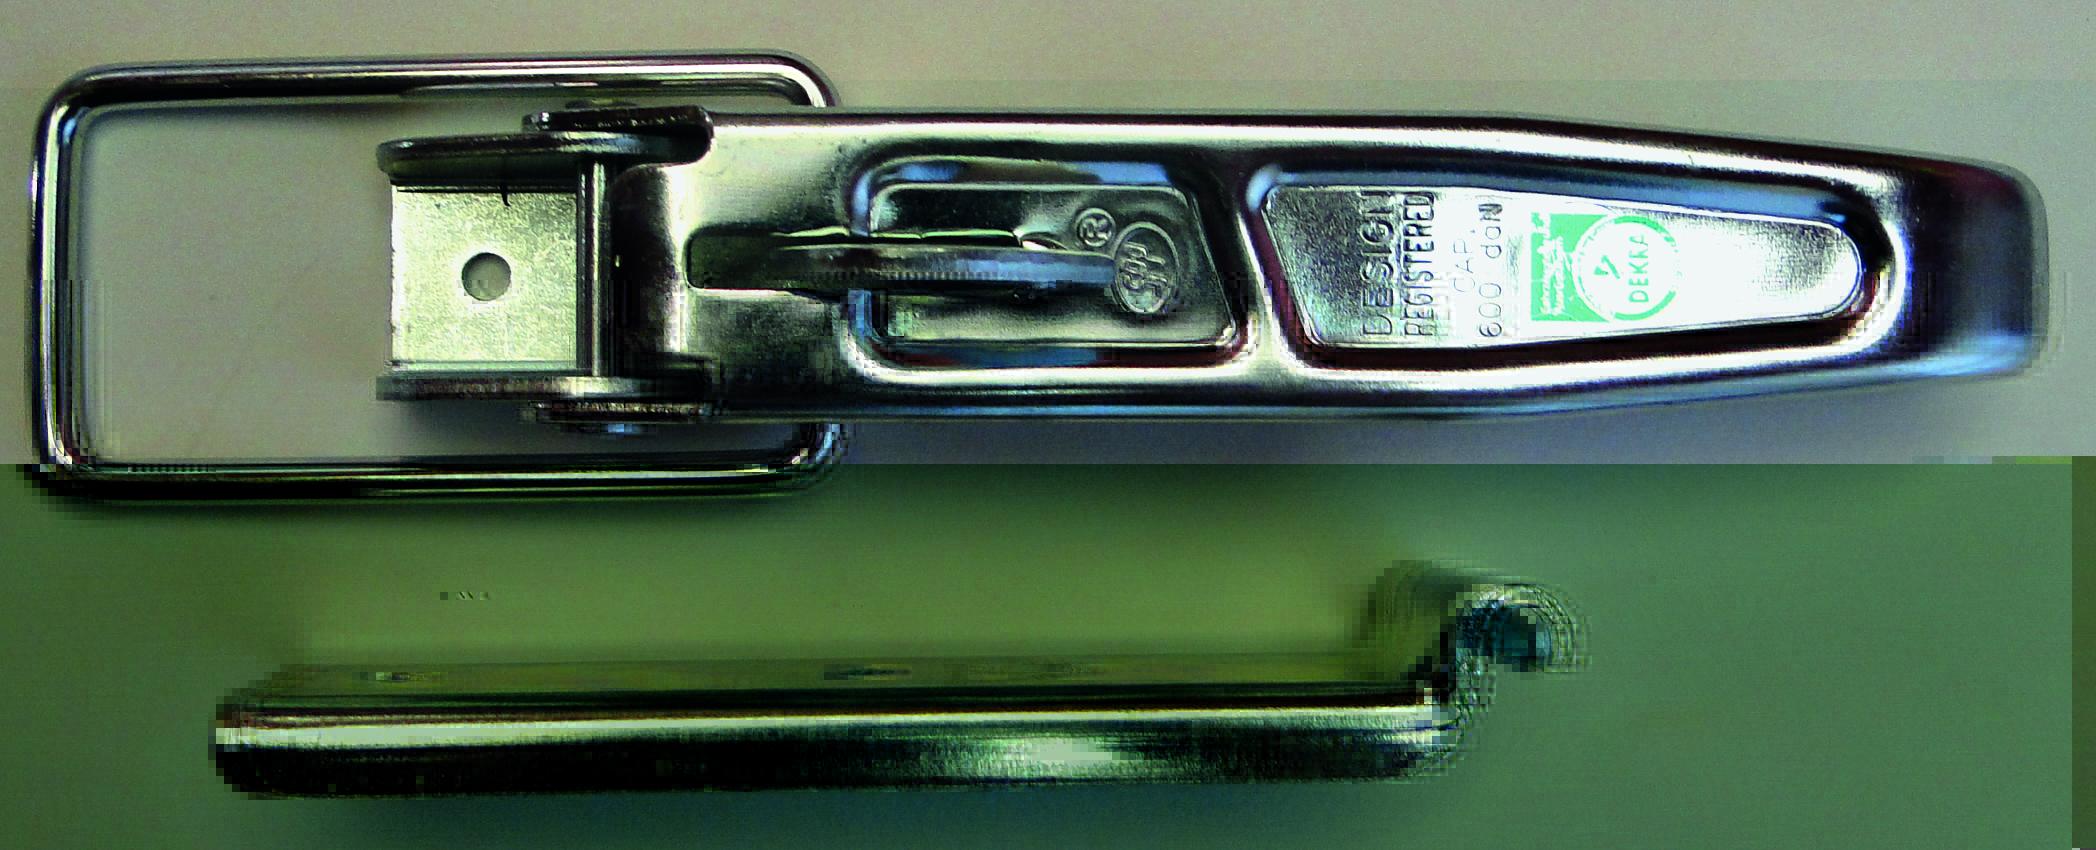 Ofuky Volvo Autobus